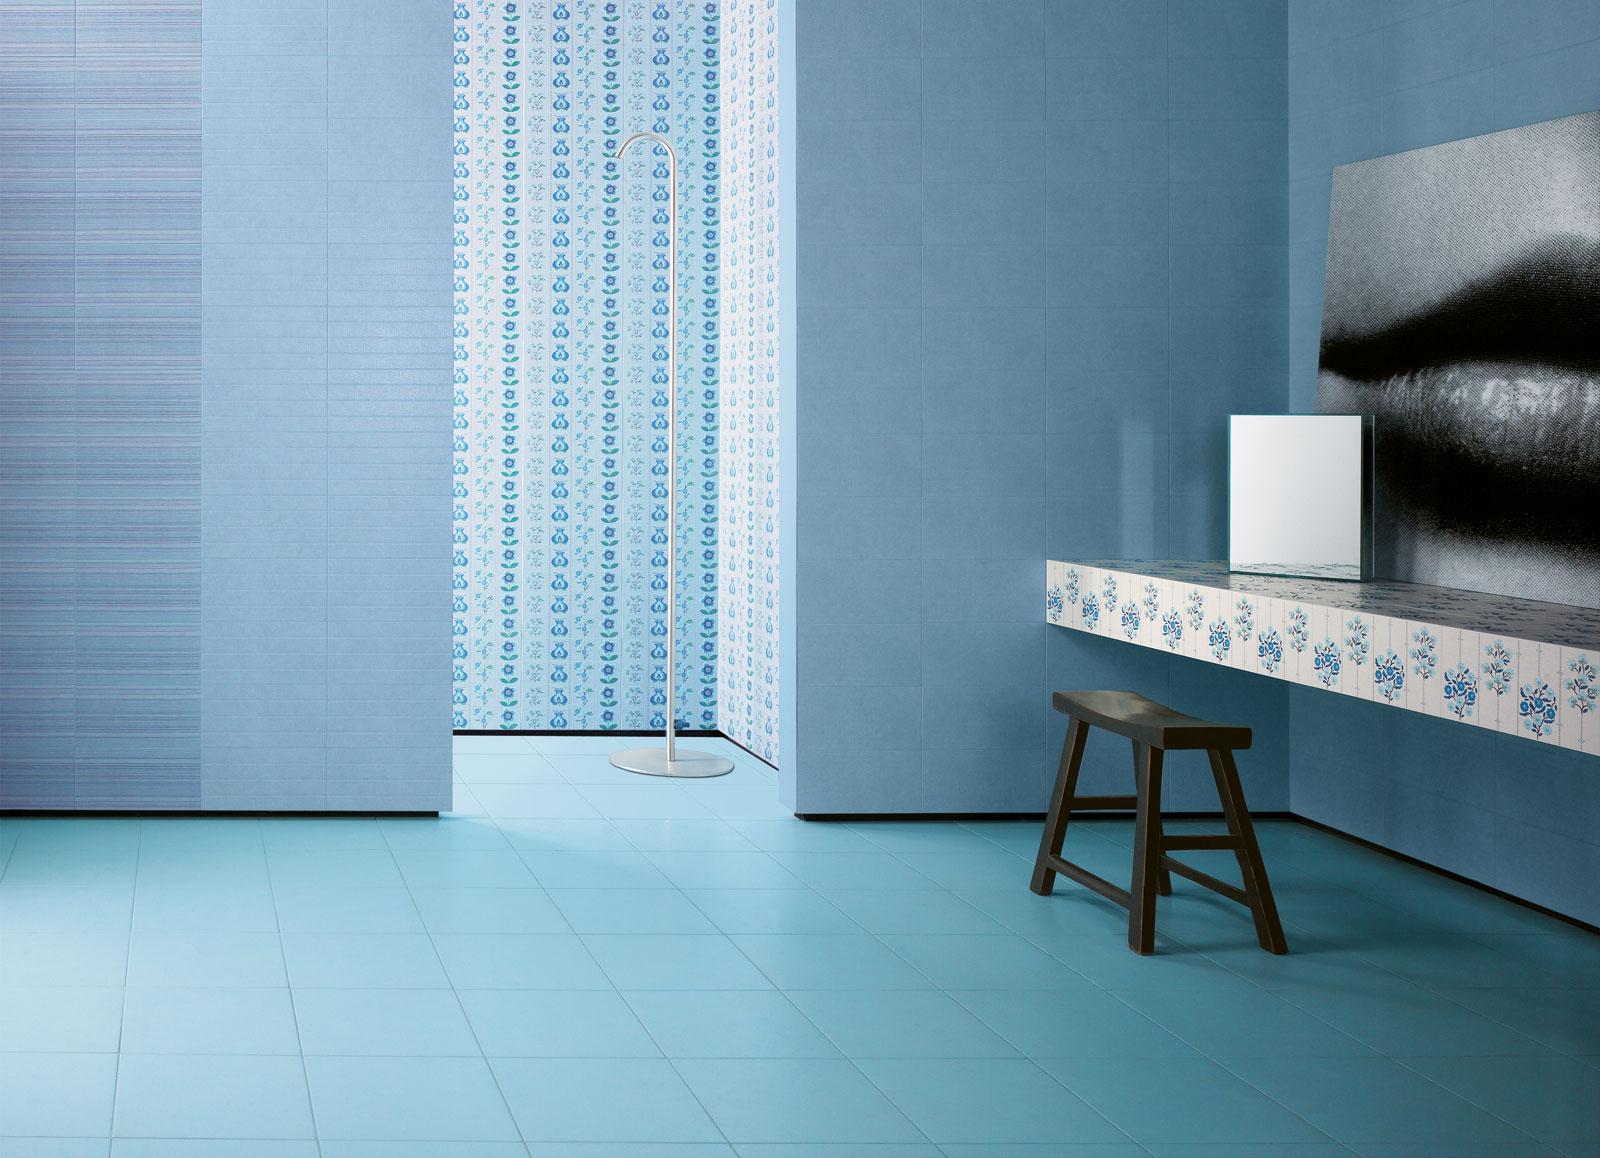 Salle de bain avec faience bleu - Faience salle de bain design ...